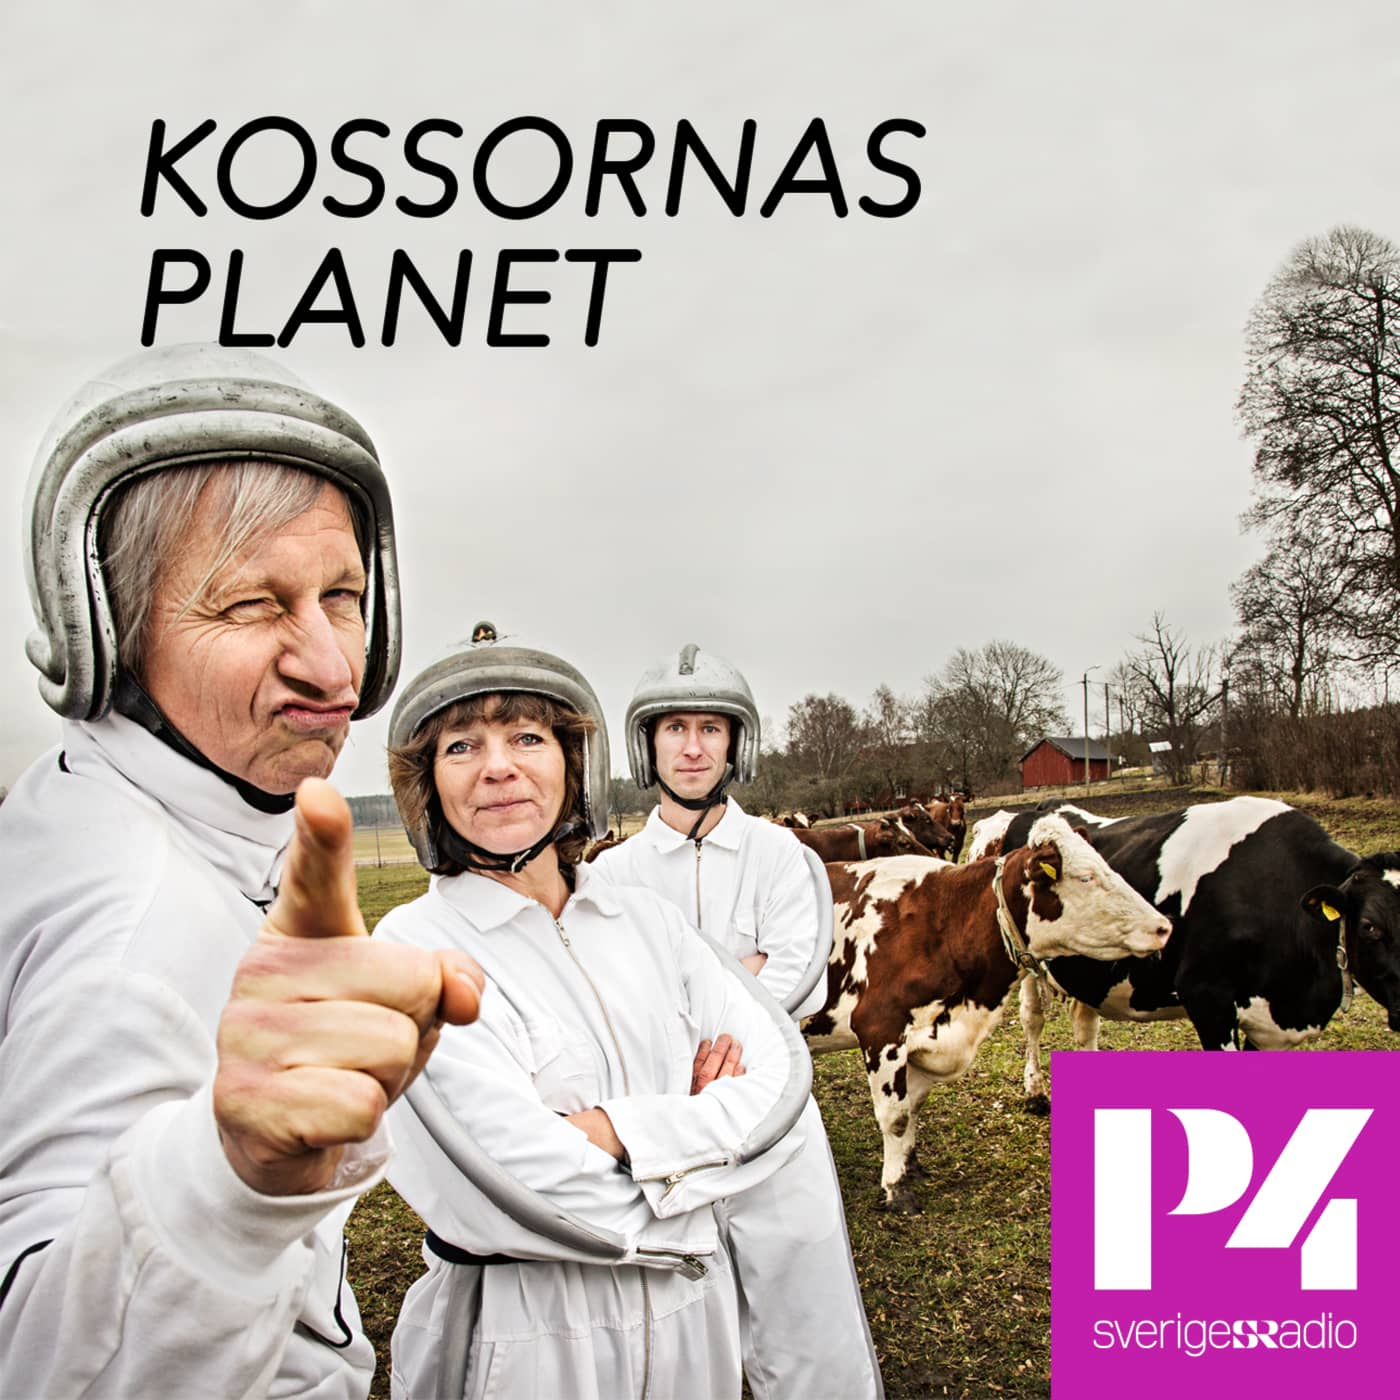 Kossornas planet i P4